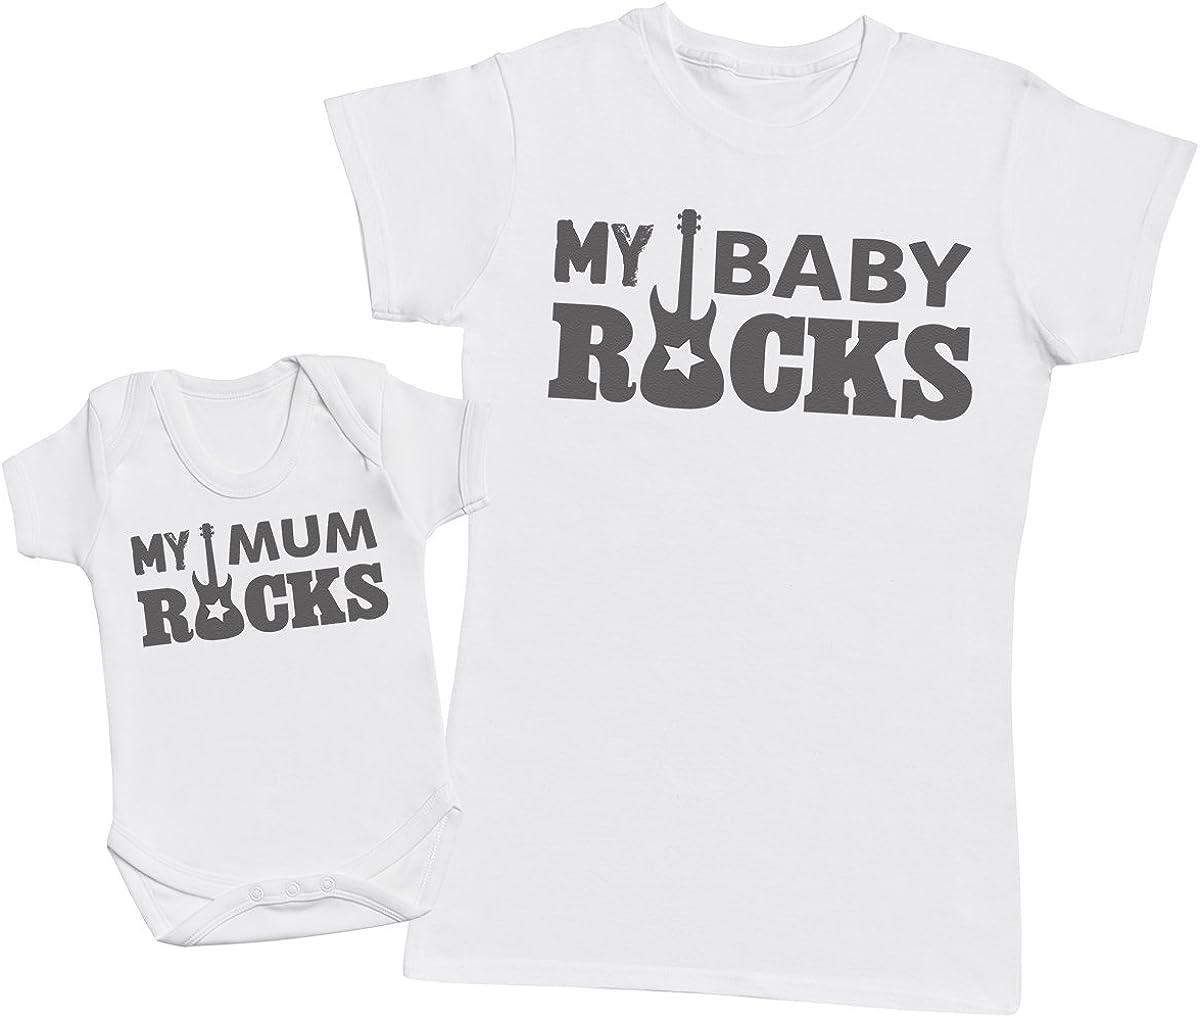 My Baby Rocks! - regalo para madres y bebés en un body para bebés y una camiseta de mujer a juego